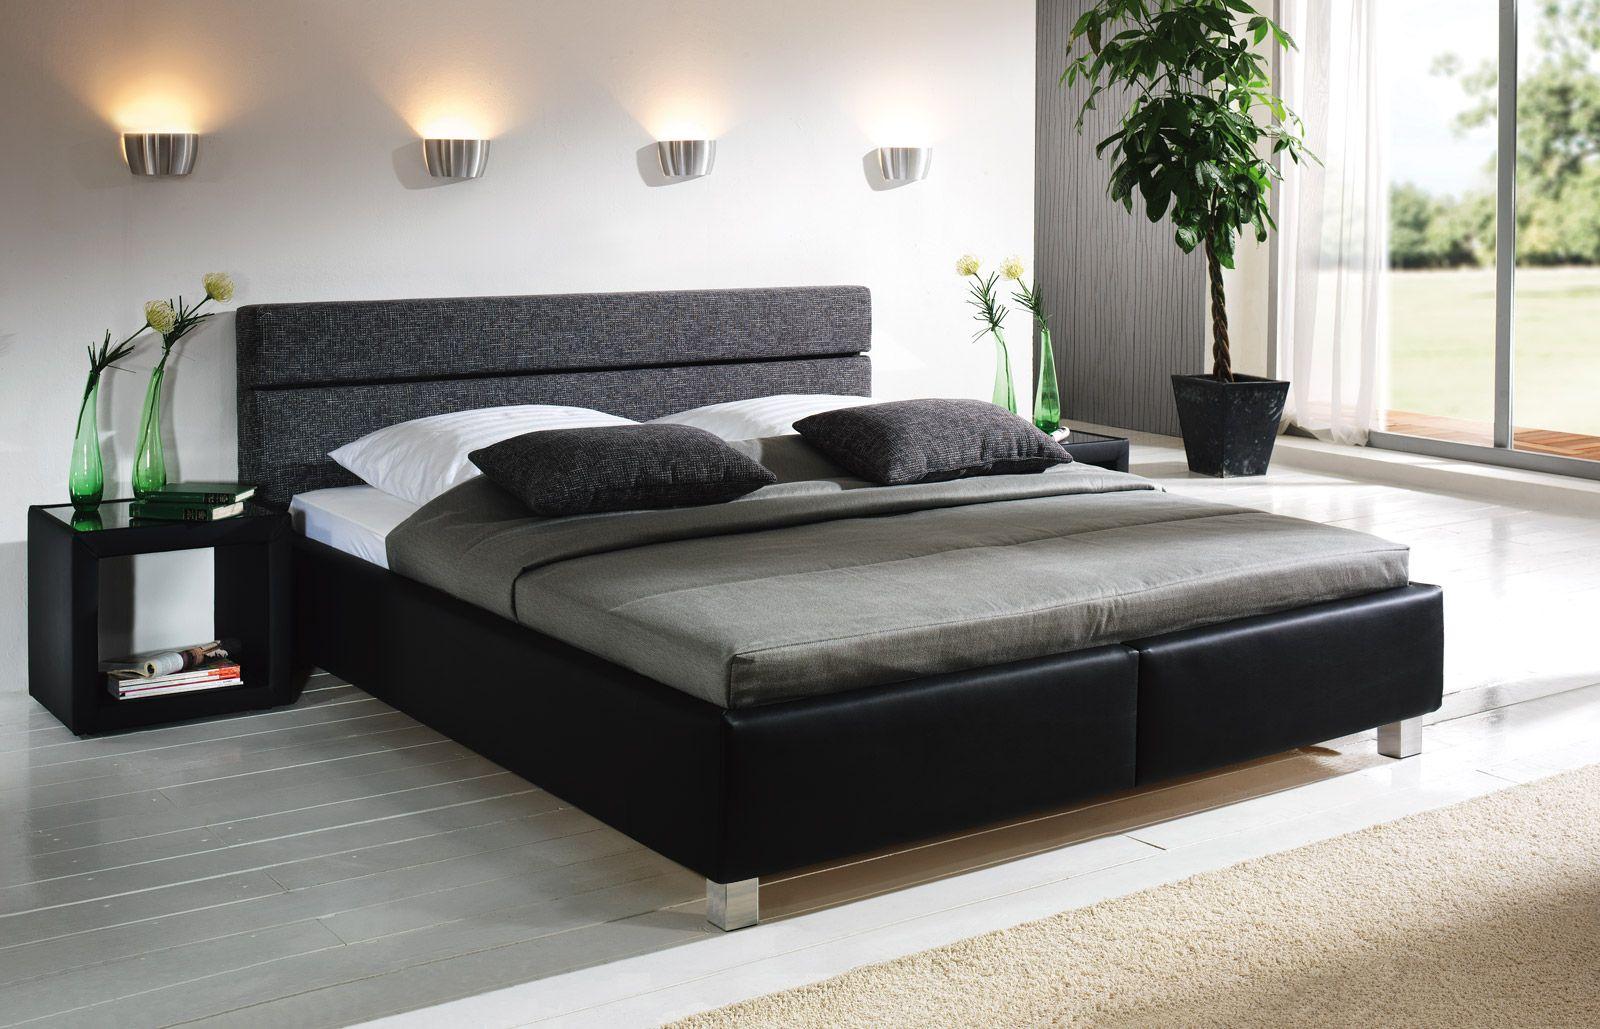 Bett Modern   Lagerung Ideen Bett Kopfteil Sind Eine Weitere Beliebte Art  Von Bett Modern Köpfen